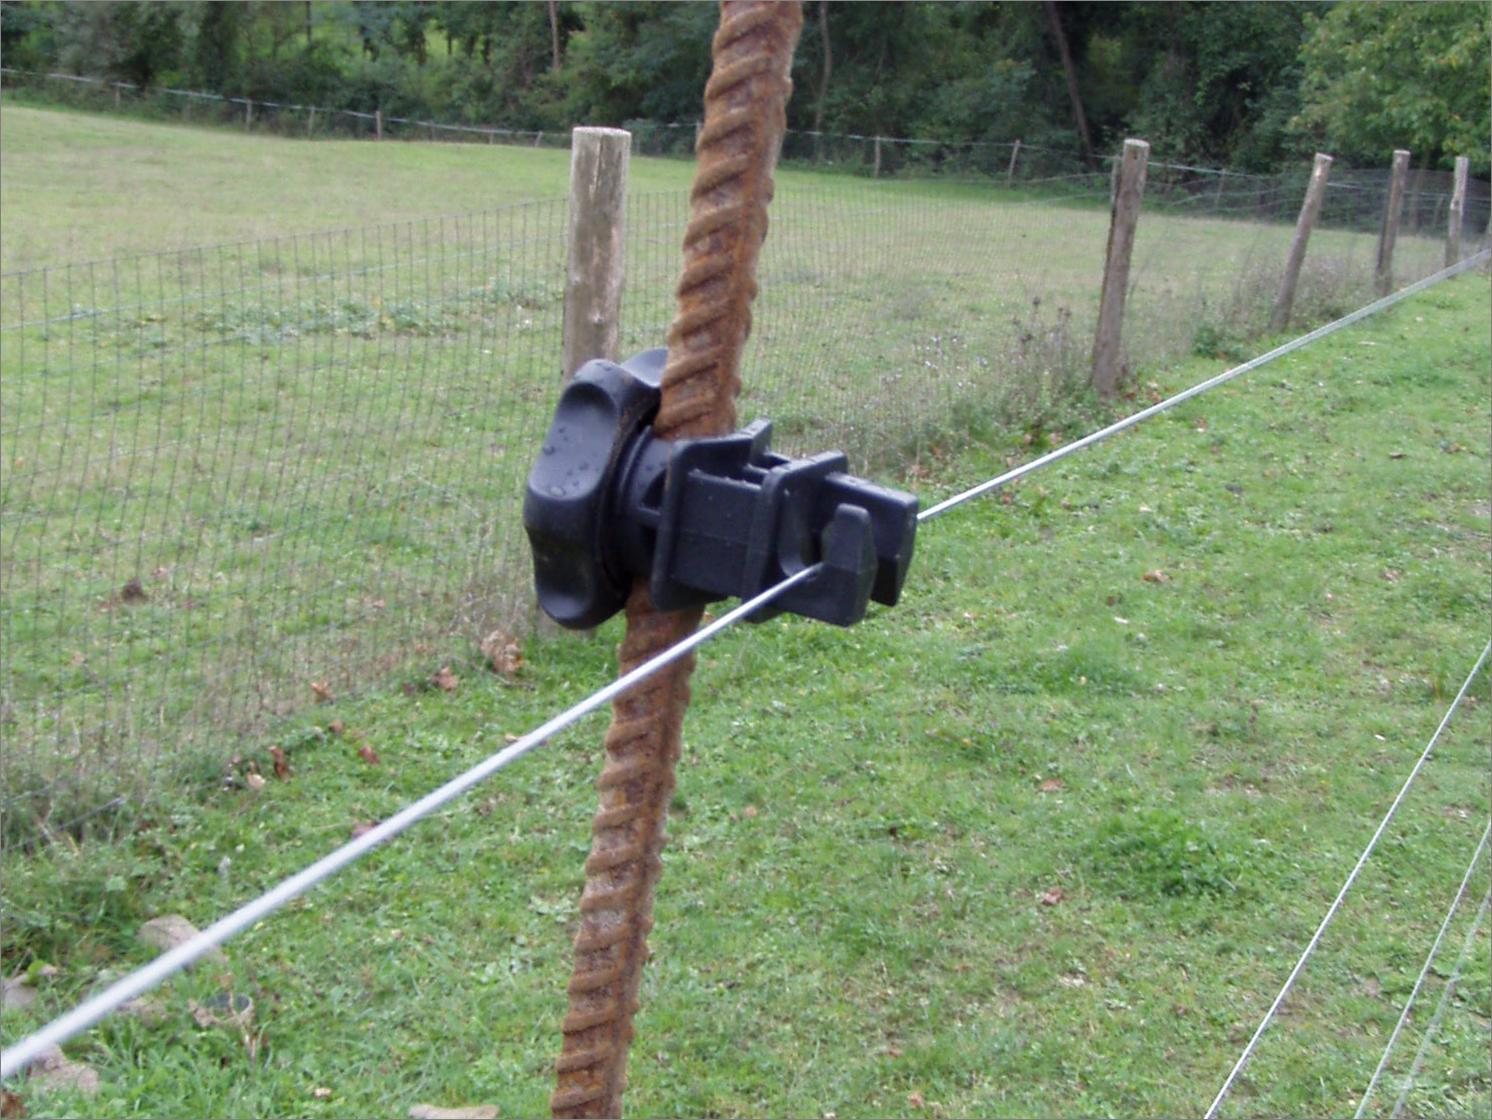 Schema Elettrico Elettrificatore Per Recinzioni : Selleriaweb batterie ricaricabili e e recinzioni